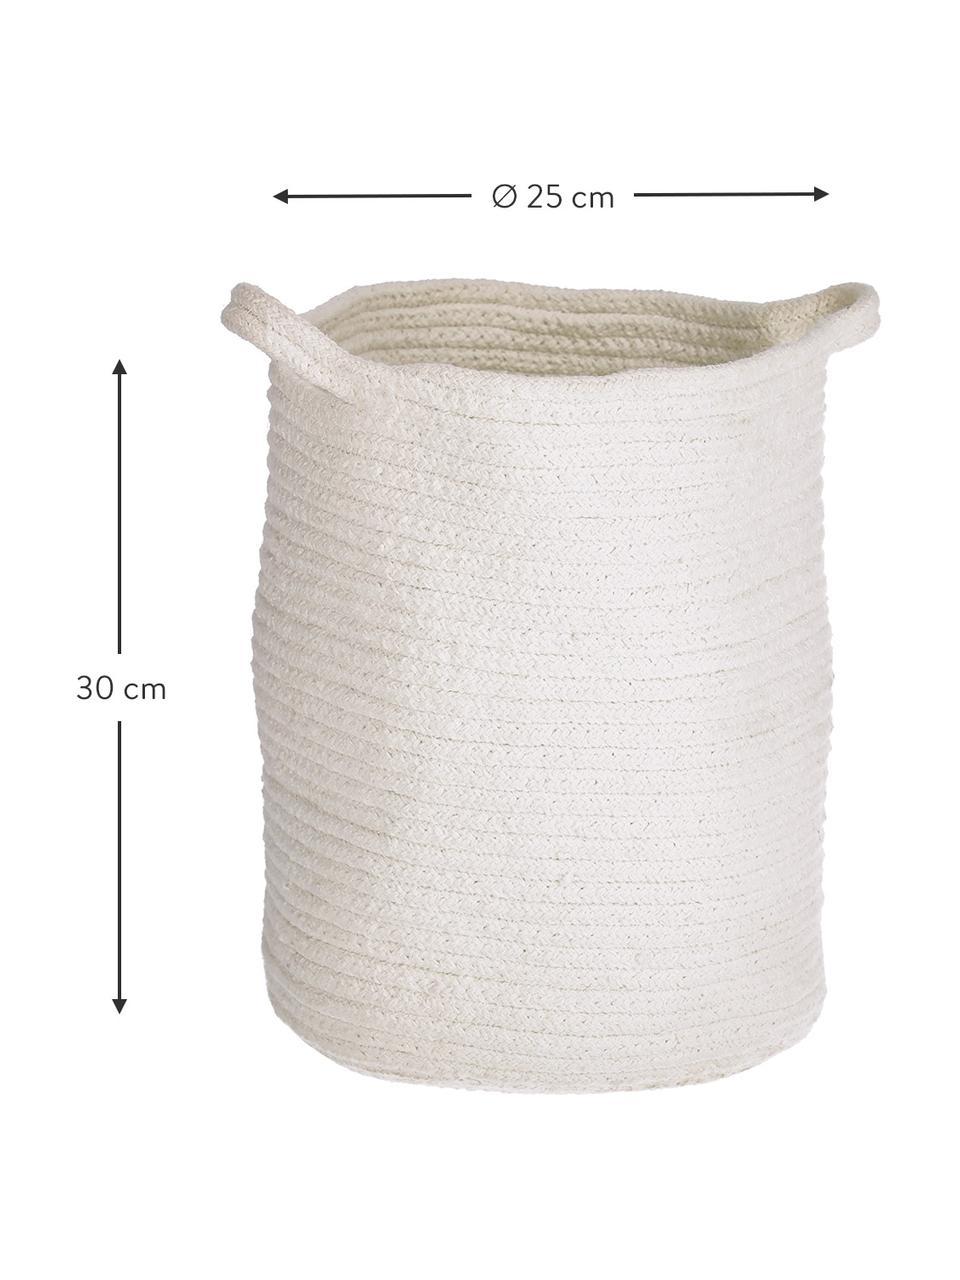 Cesto portaoggetti in cotone bianco fatto a mano Abeni, 100% cotone, Bianco, Ø 25 x Alt. 30 cm